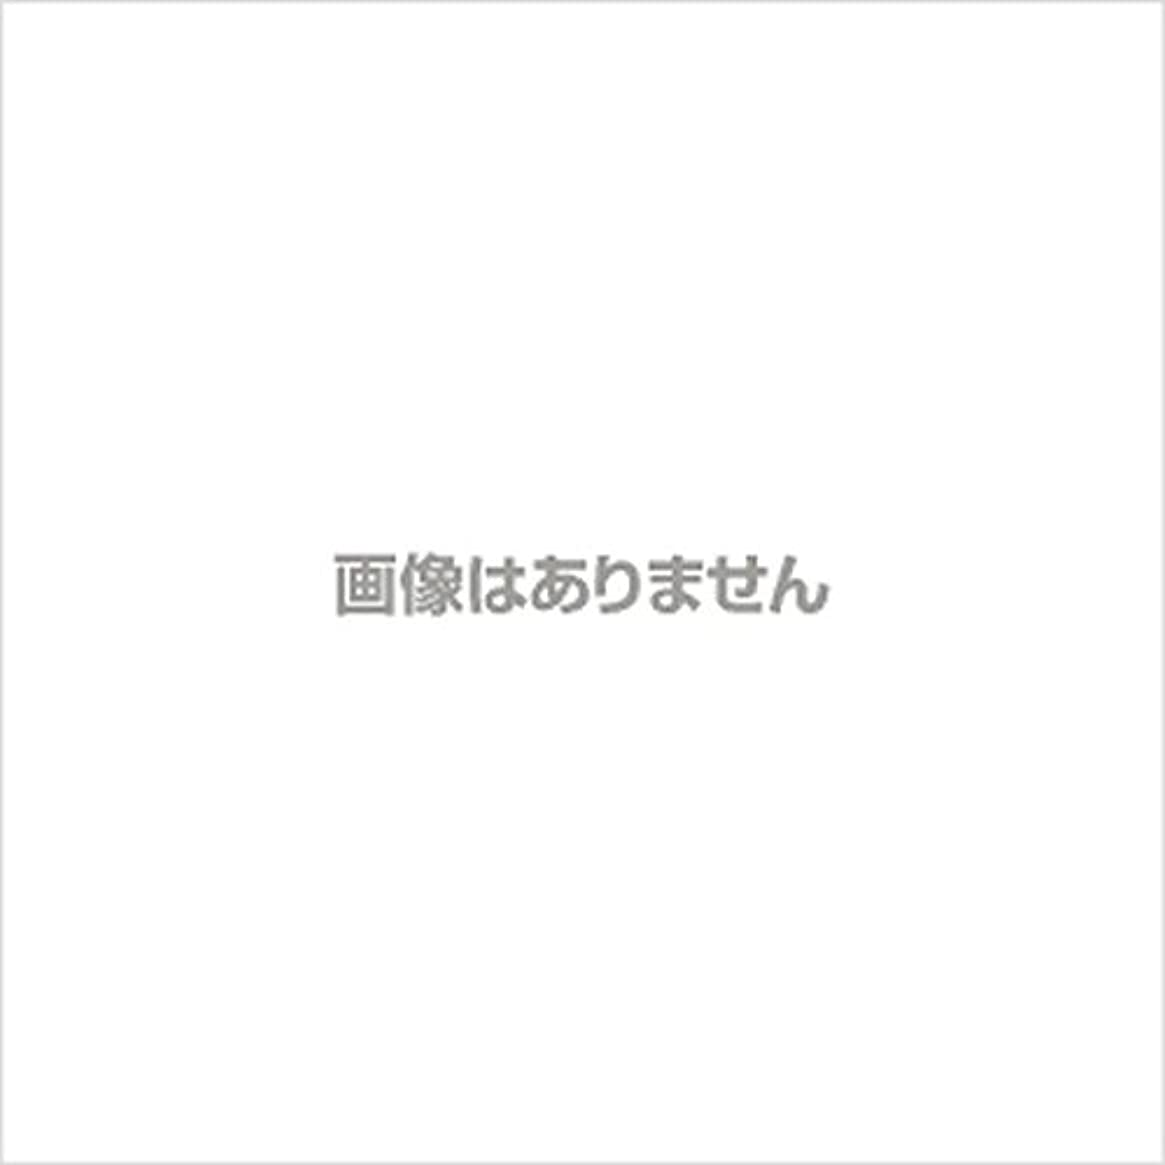 りんご食事手綱日立マクセル ポータブルシェーバー(乾電池式) M-SH-40GN